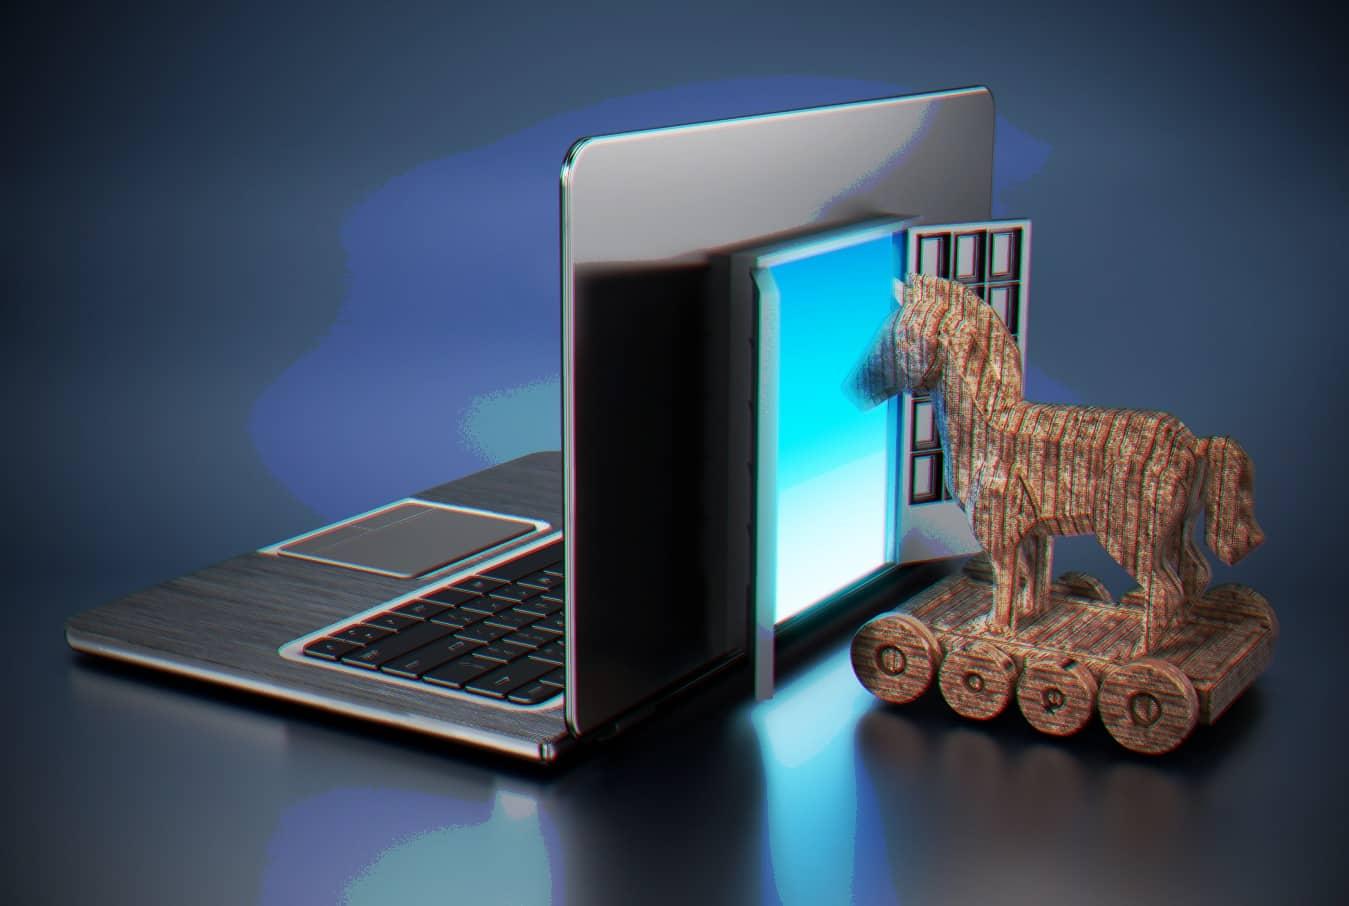 Hackers cloned NordVPN website to drop banking trojan